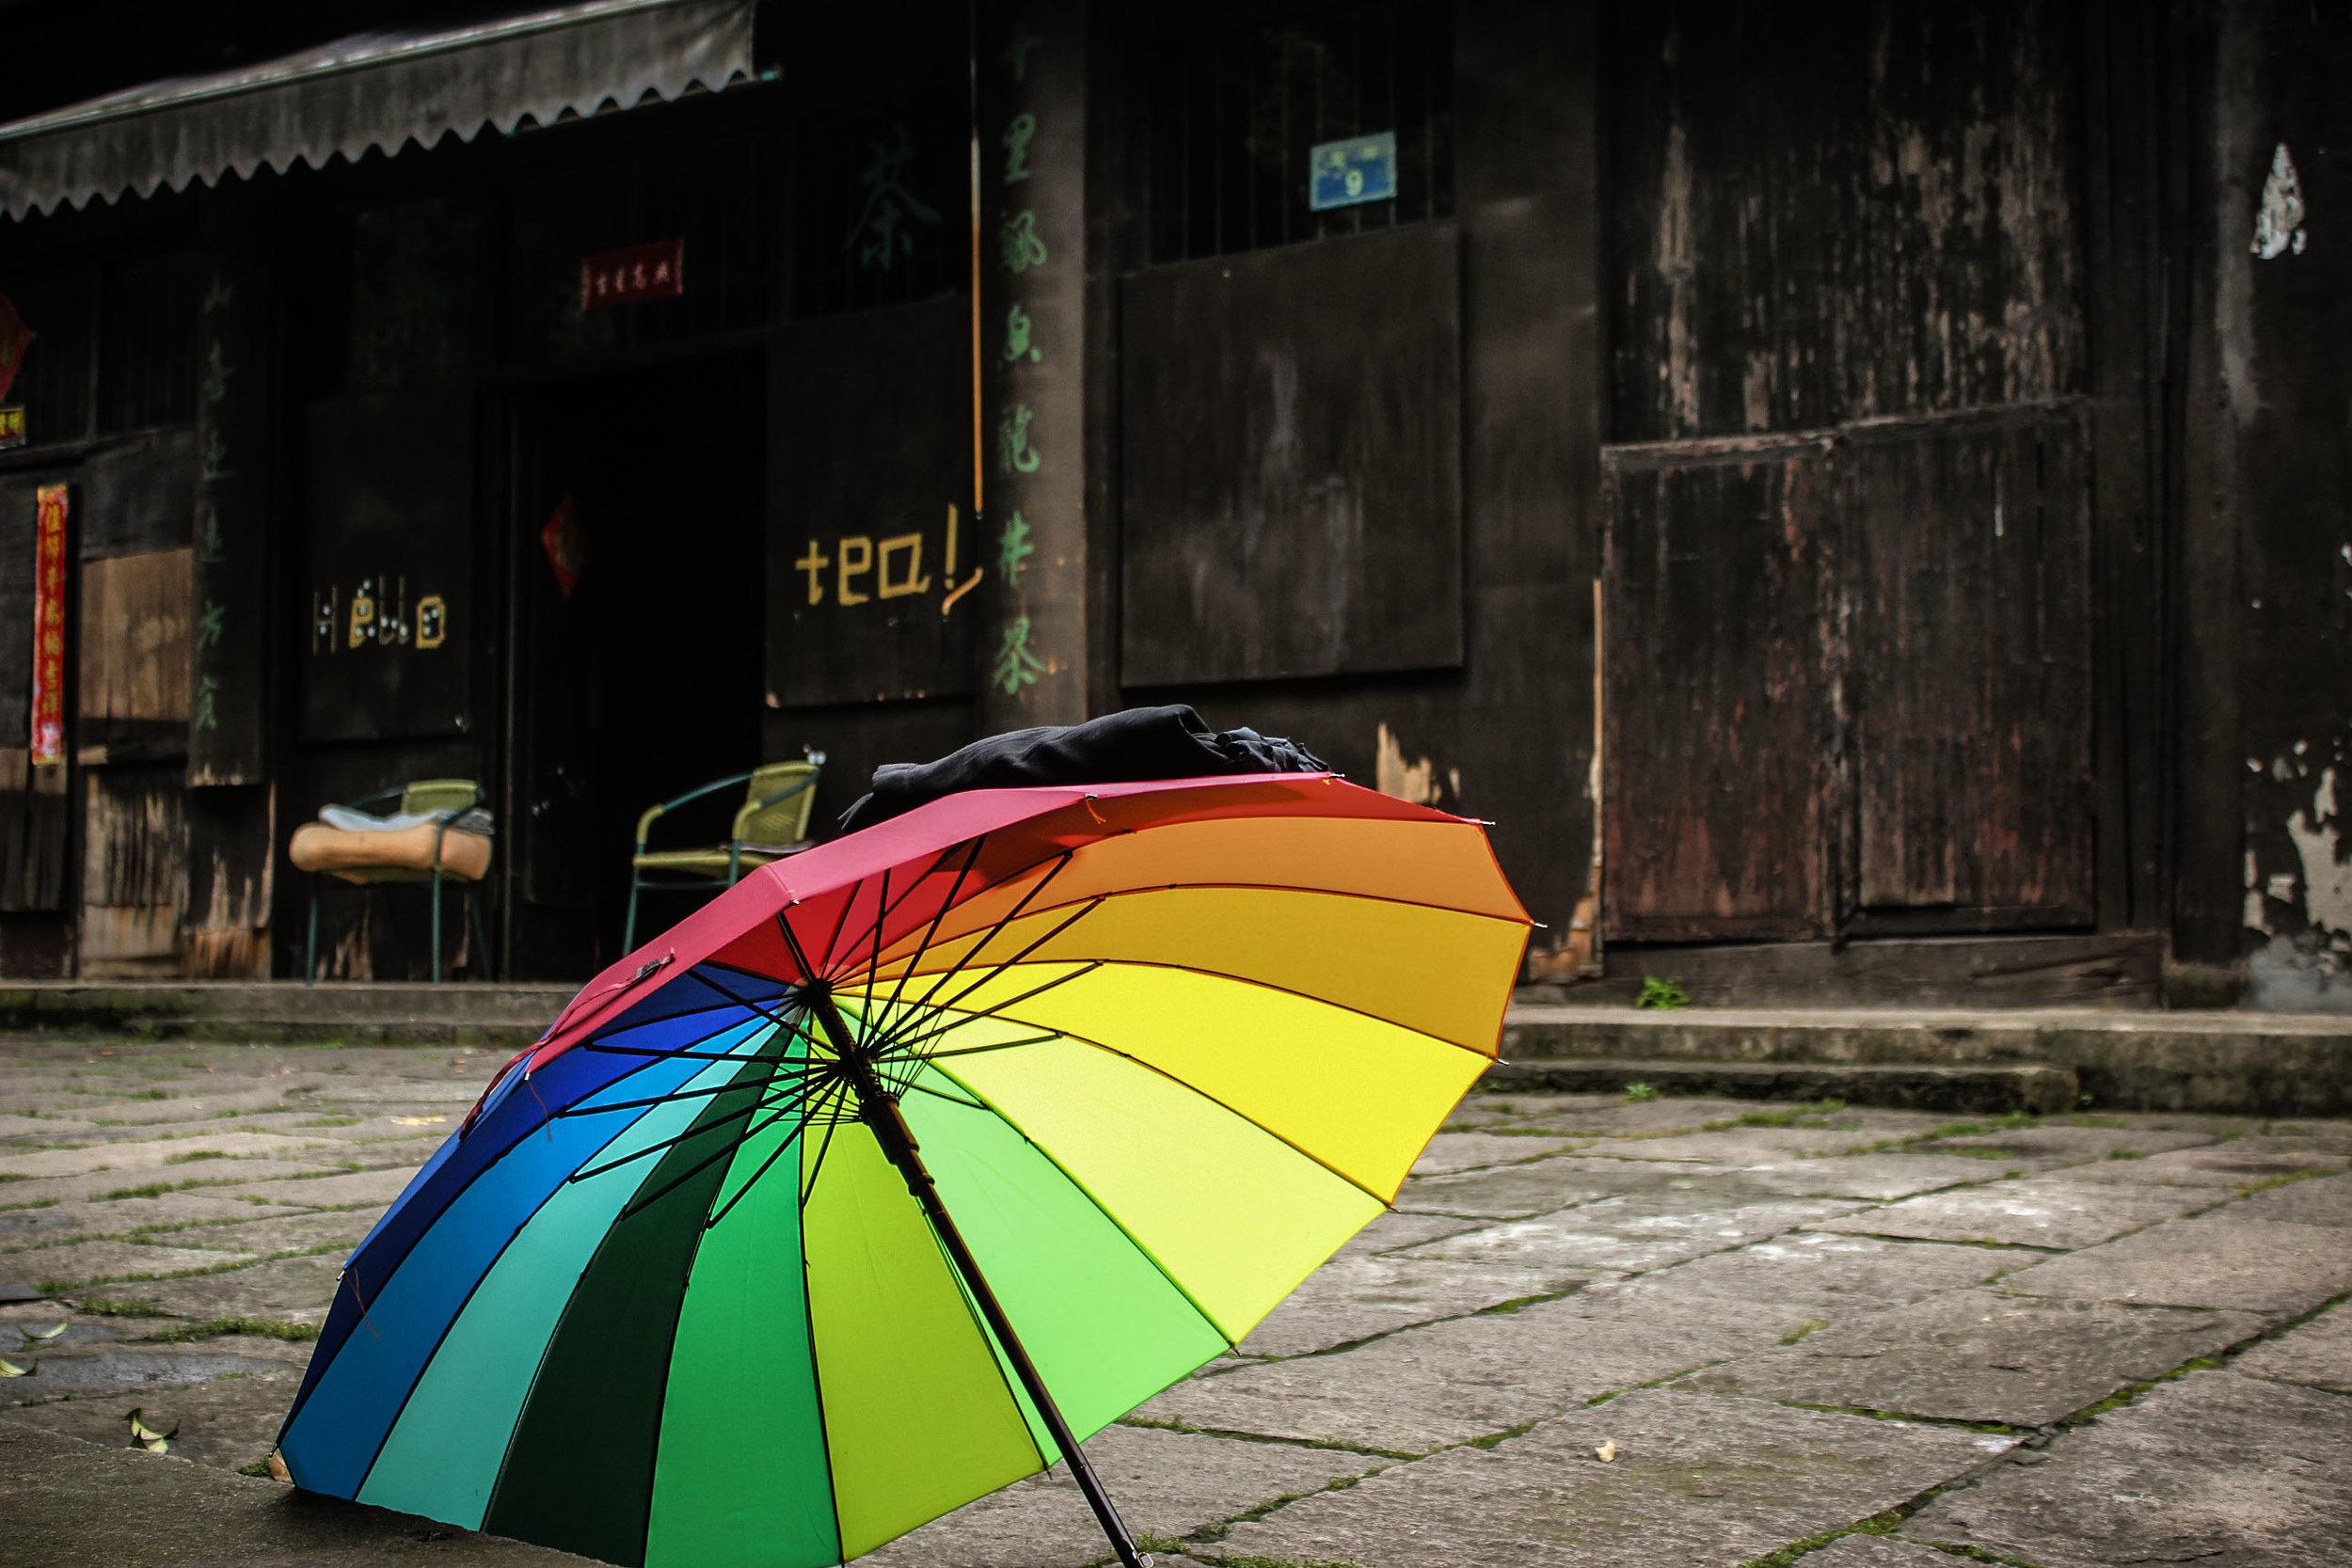 @Hangzhou, China